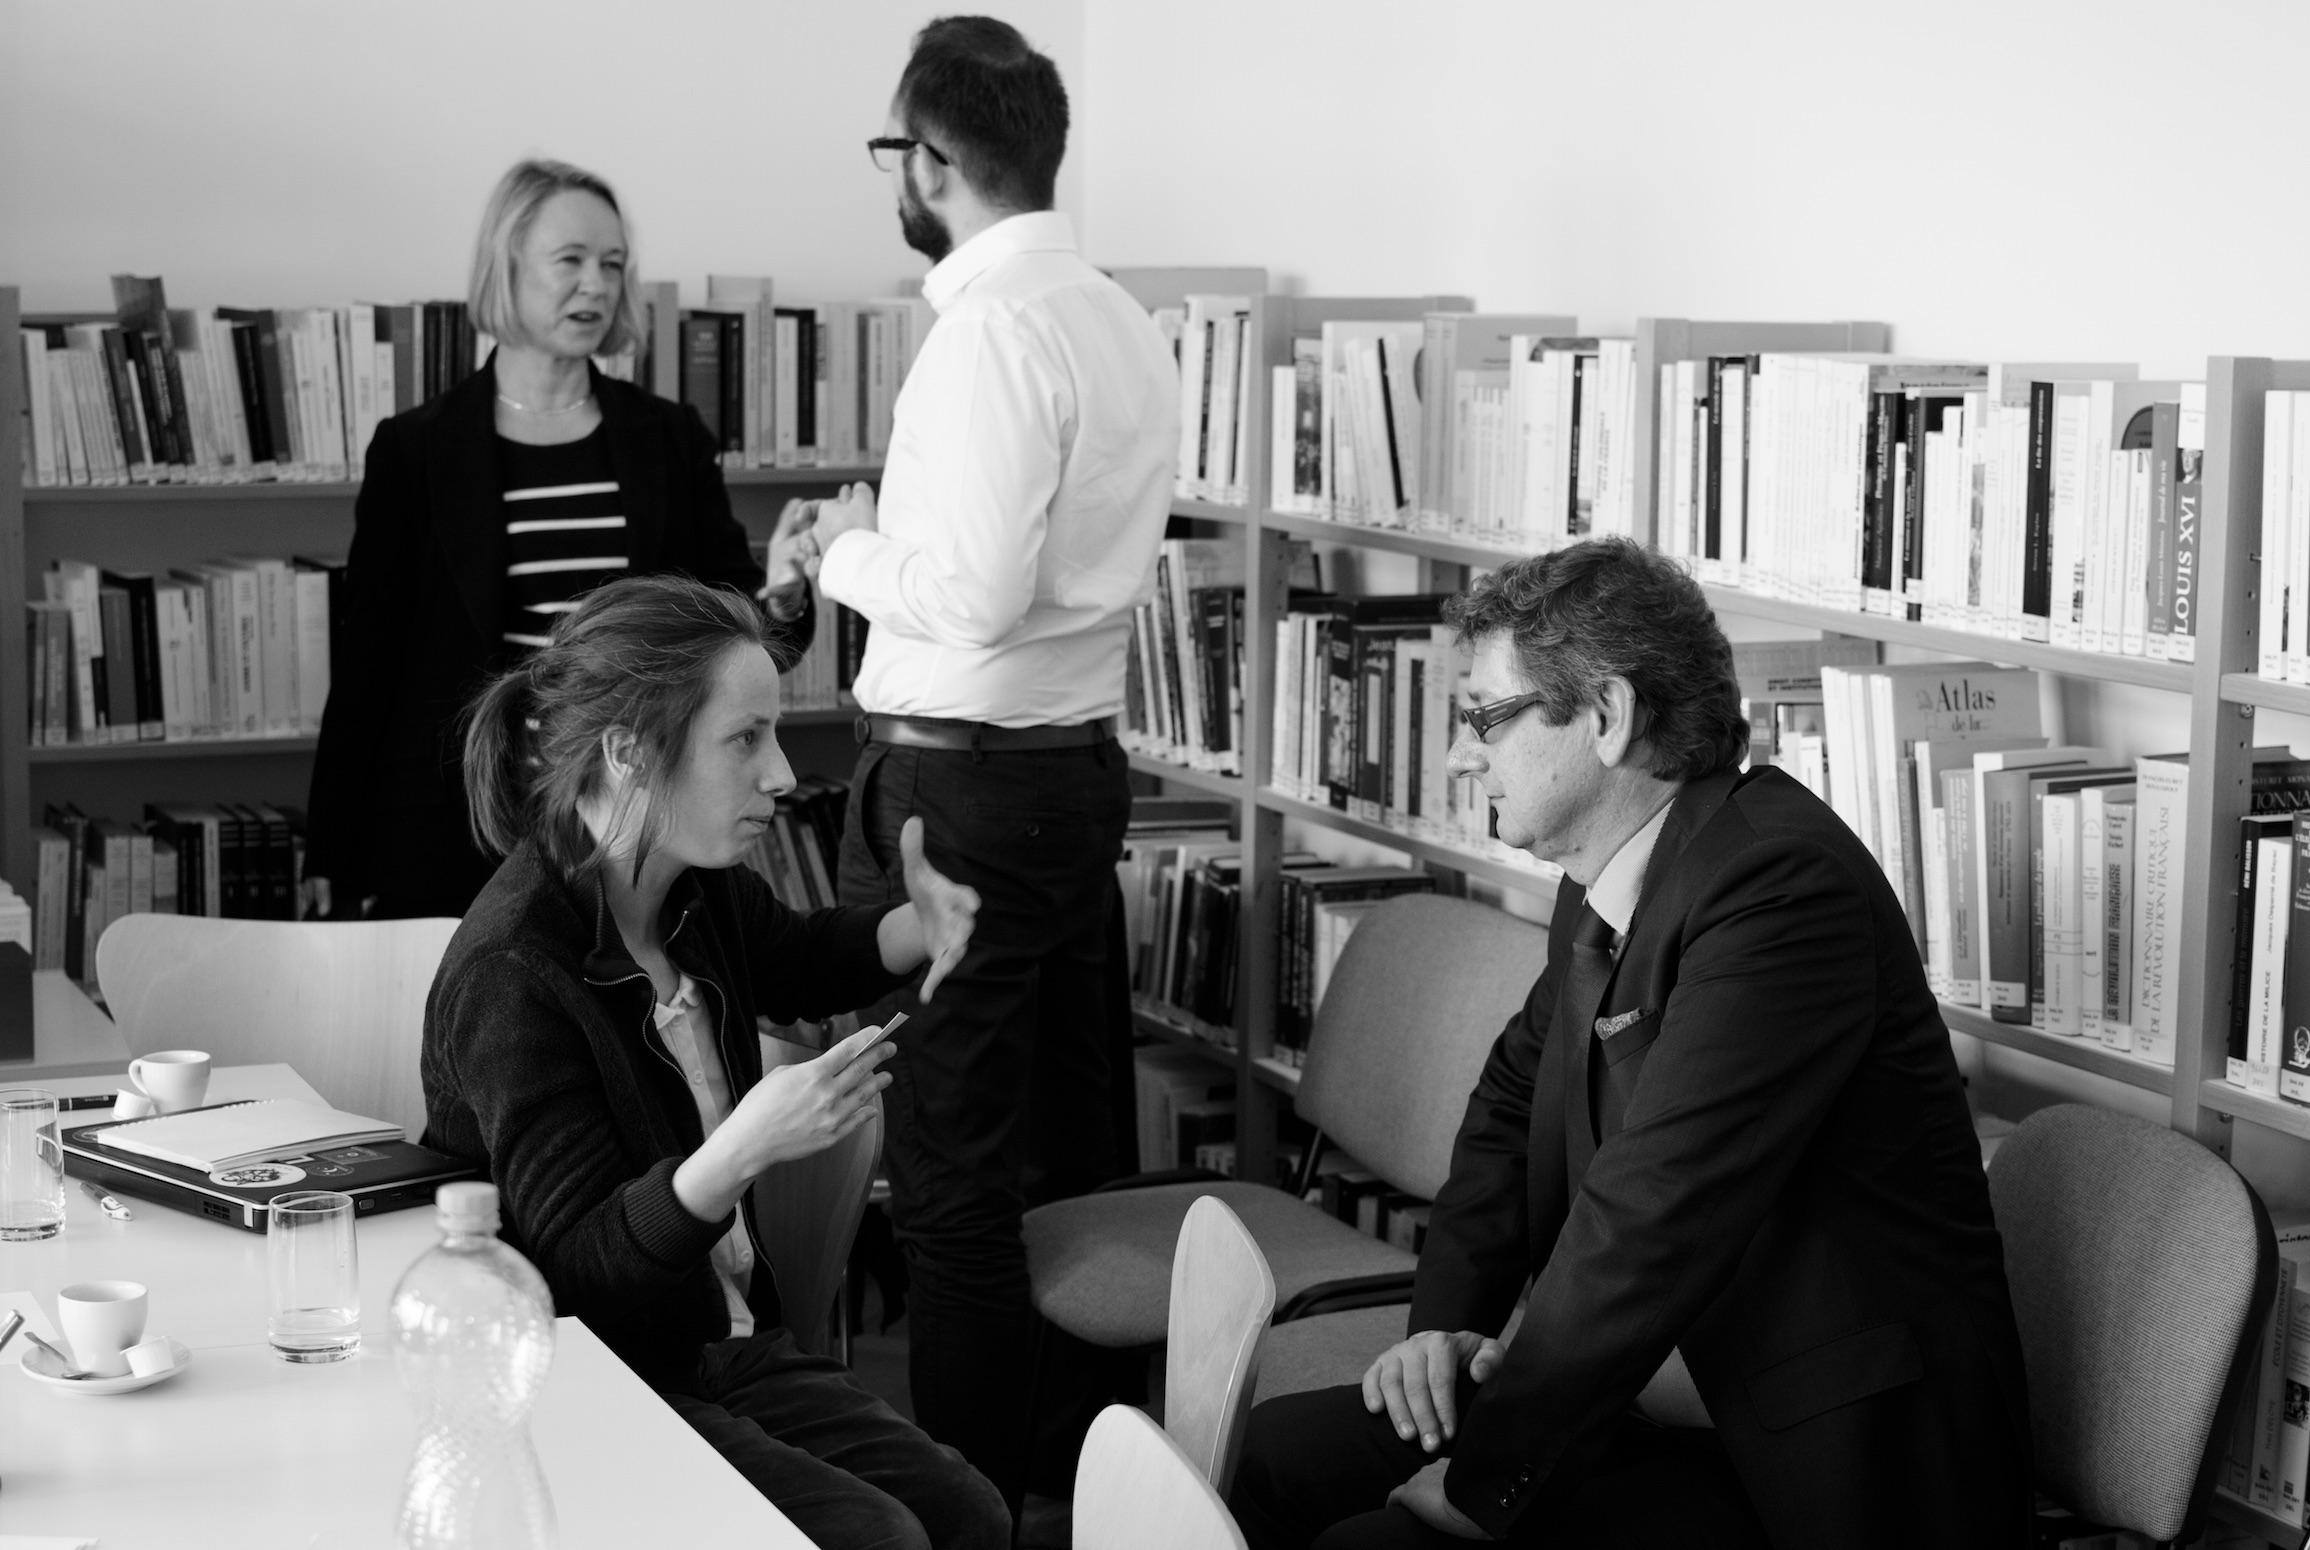 Research Forum in the Czech Republic